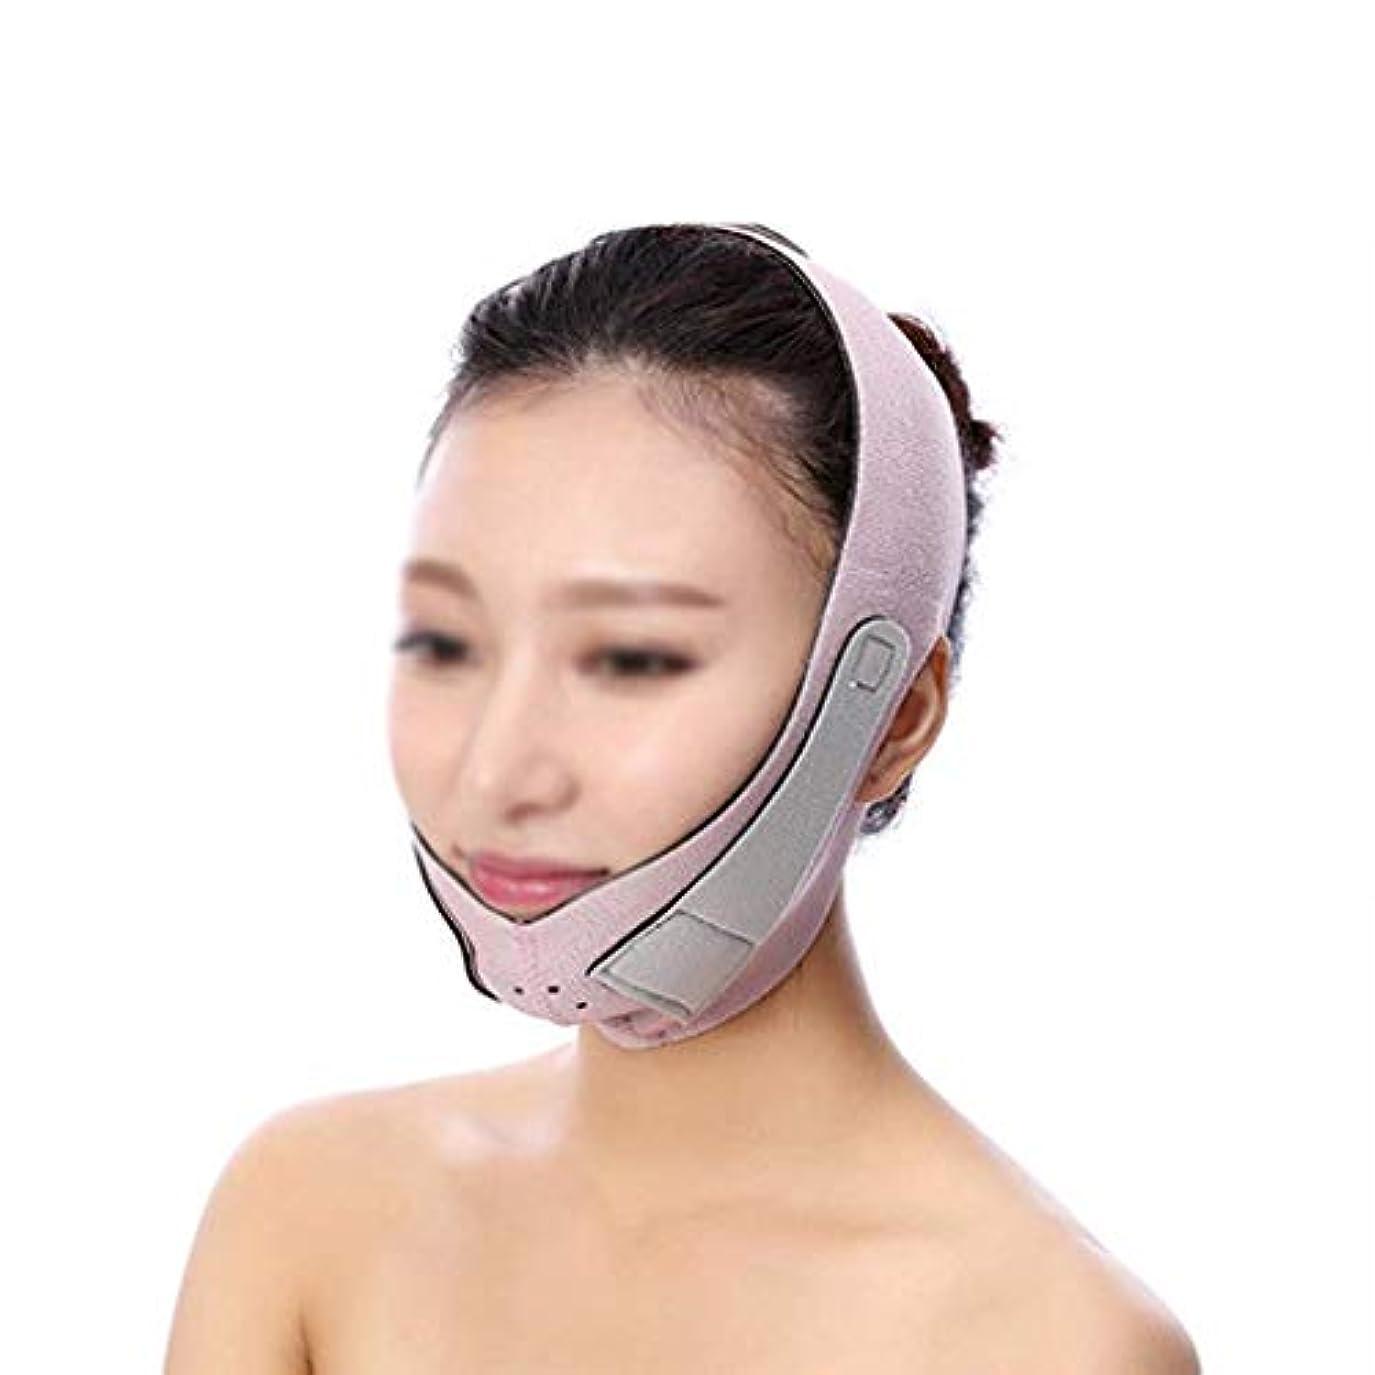 してはいけません唇生薄型フェイスマスク、フェイスリフティングに最適、フェイスバンドを持ち上げてスキン包帯を引き締める、チークチンリフティング、スキン包帯を引き締める(フリーサイズ)(カラー:オレンジ),紫の